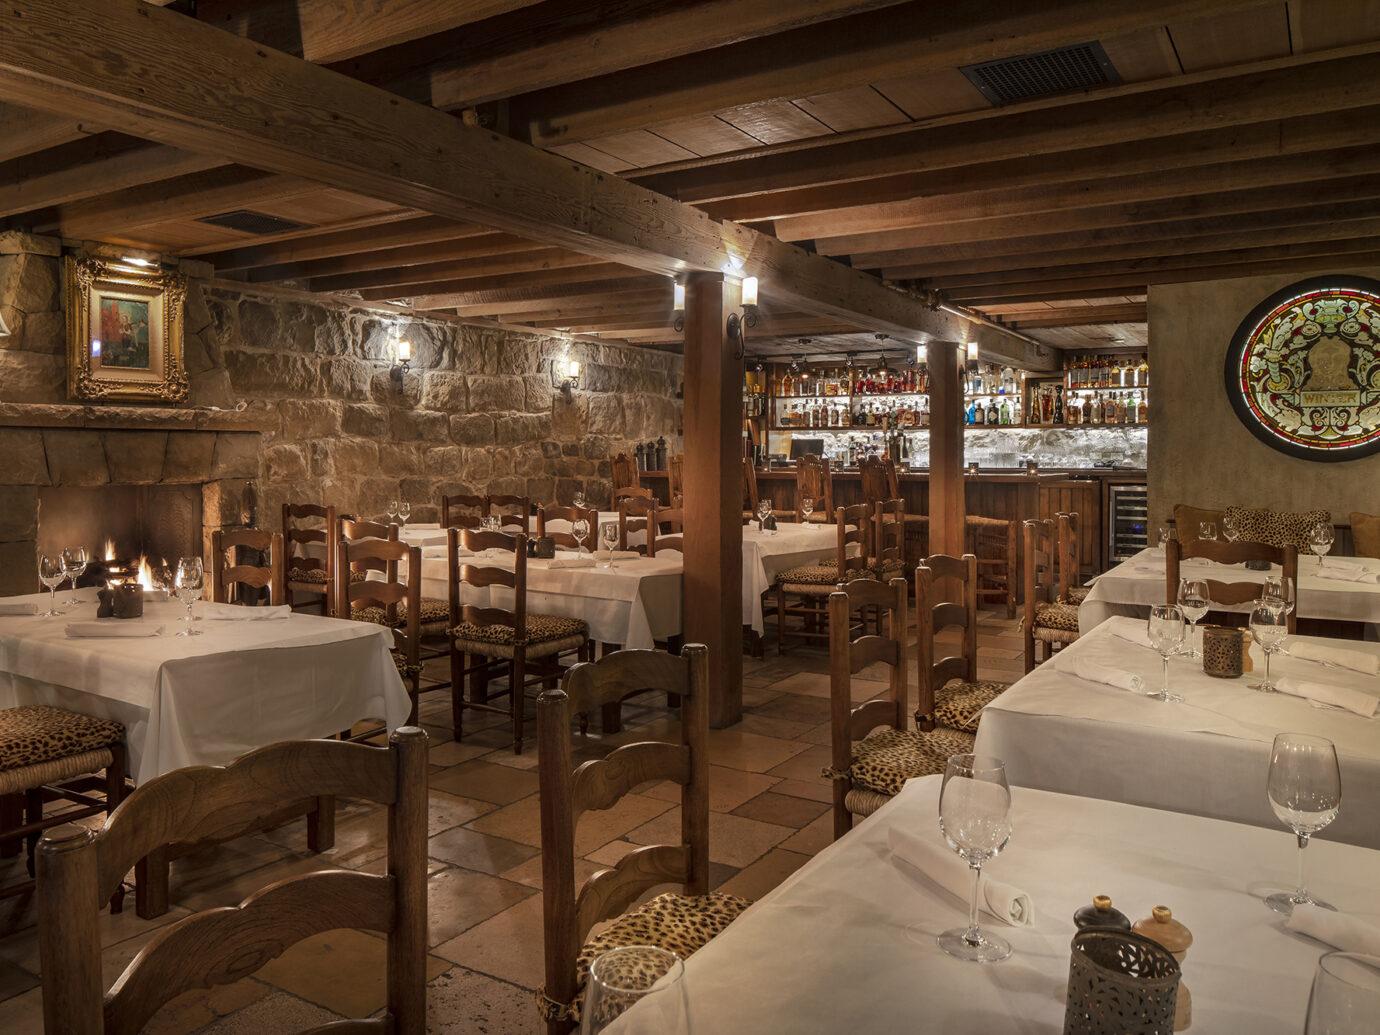 Restaurant at San Ysidro Ranch